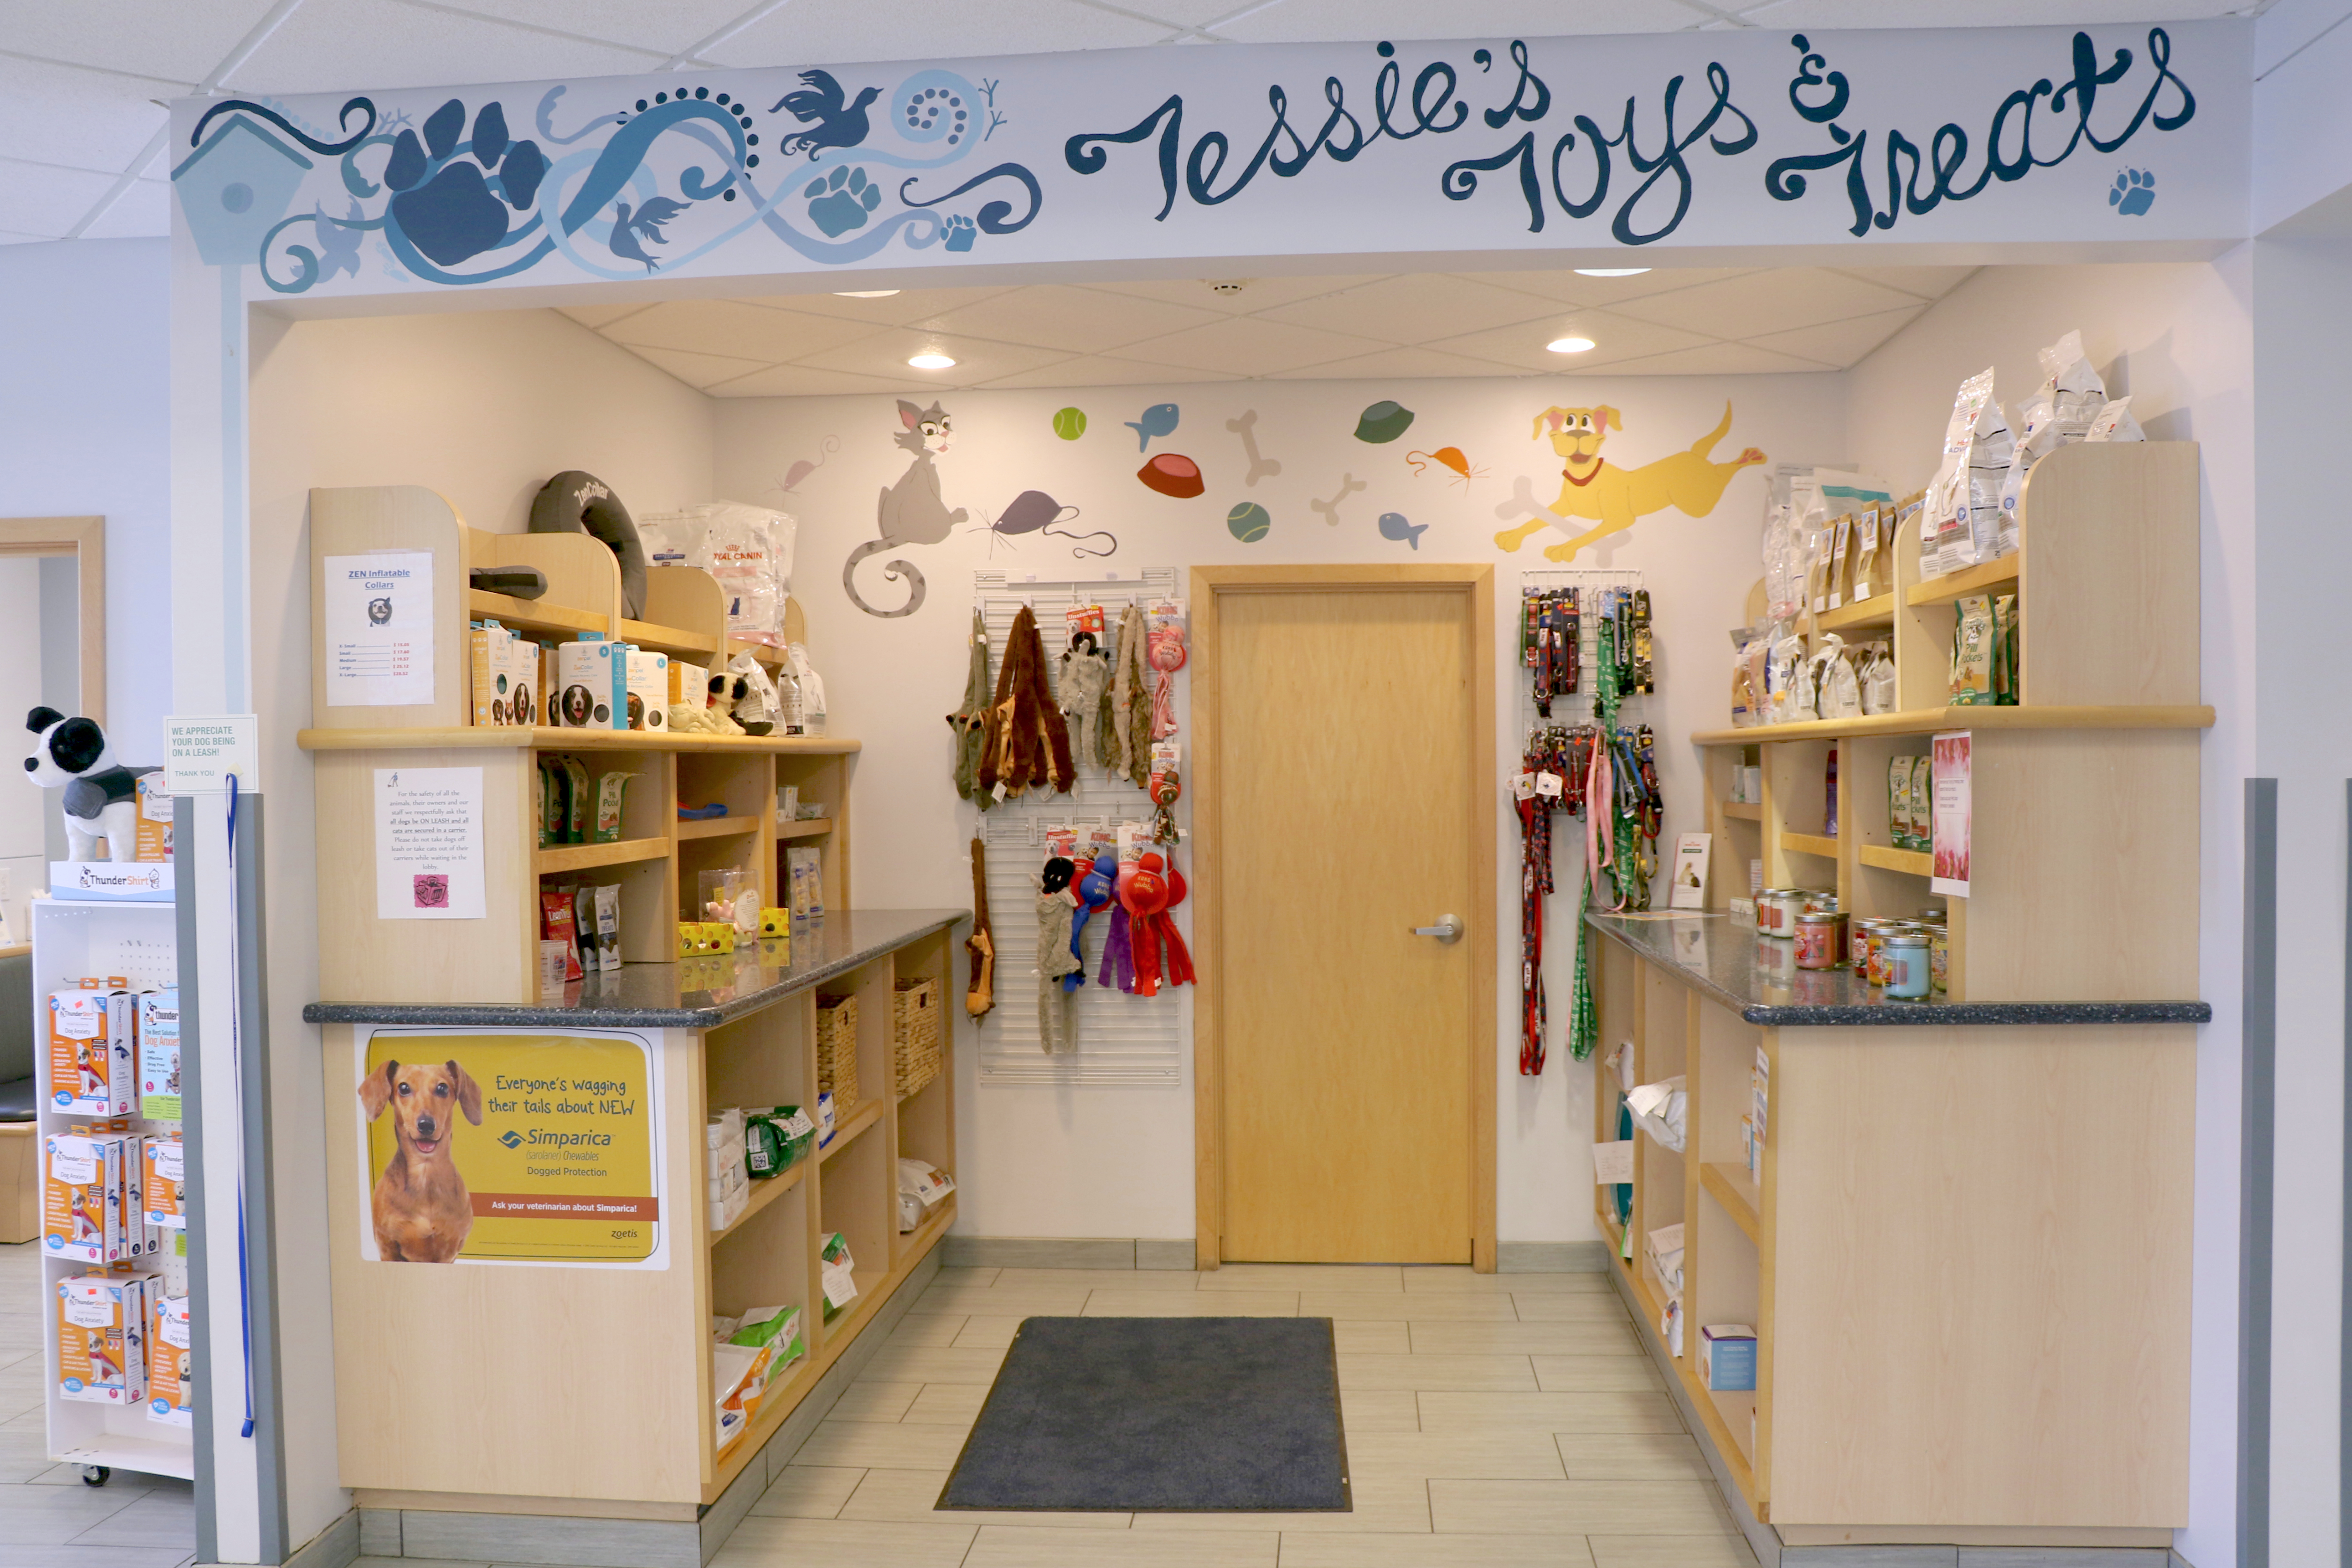 Tessie's Toys & Treats